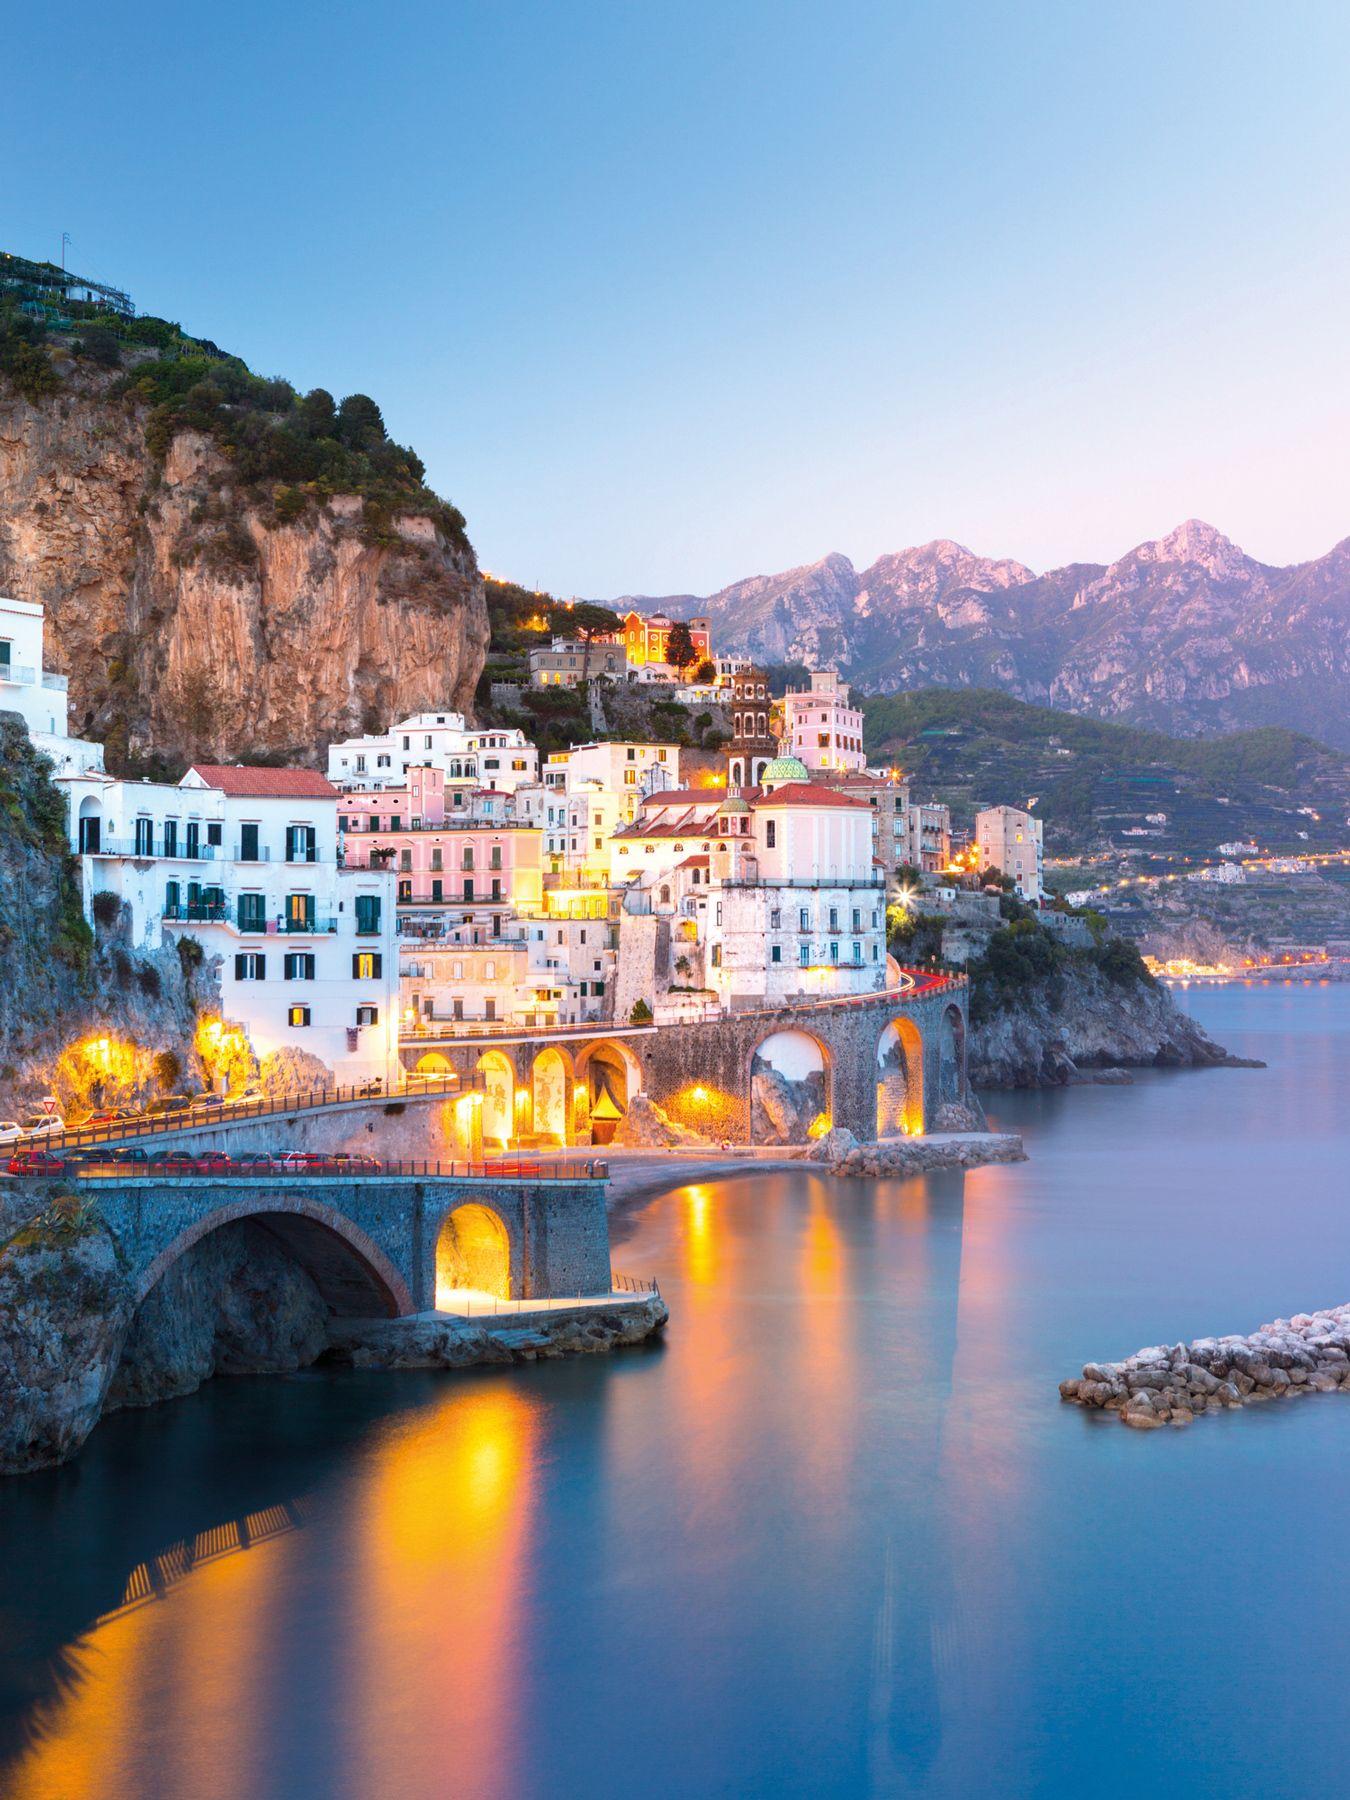 Amalfi iStock950432786 web